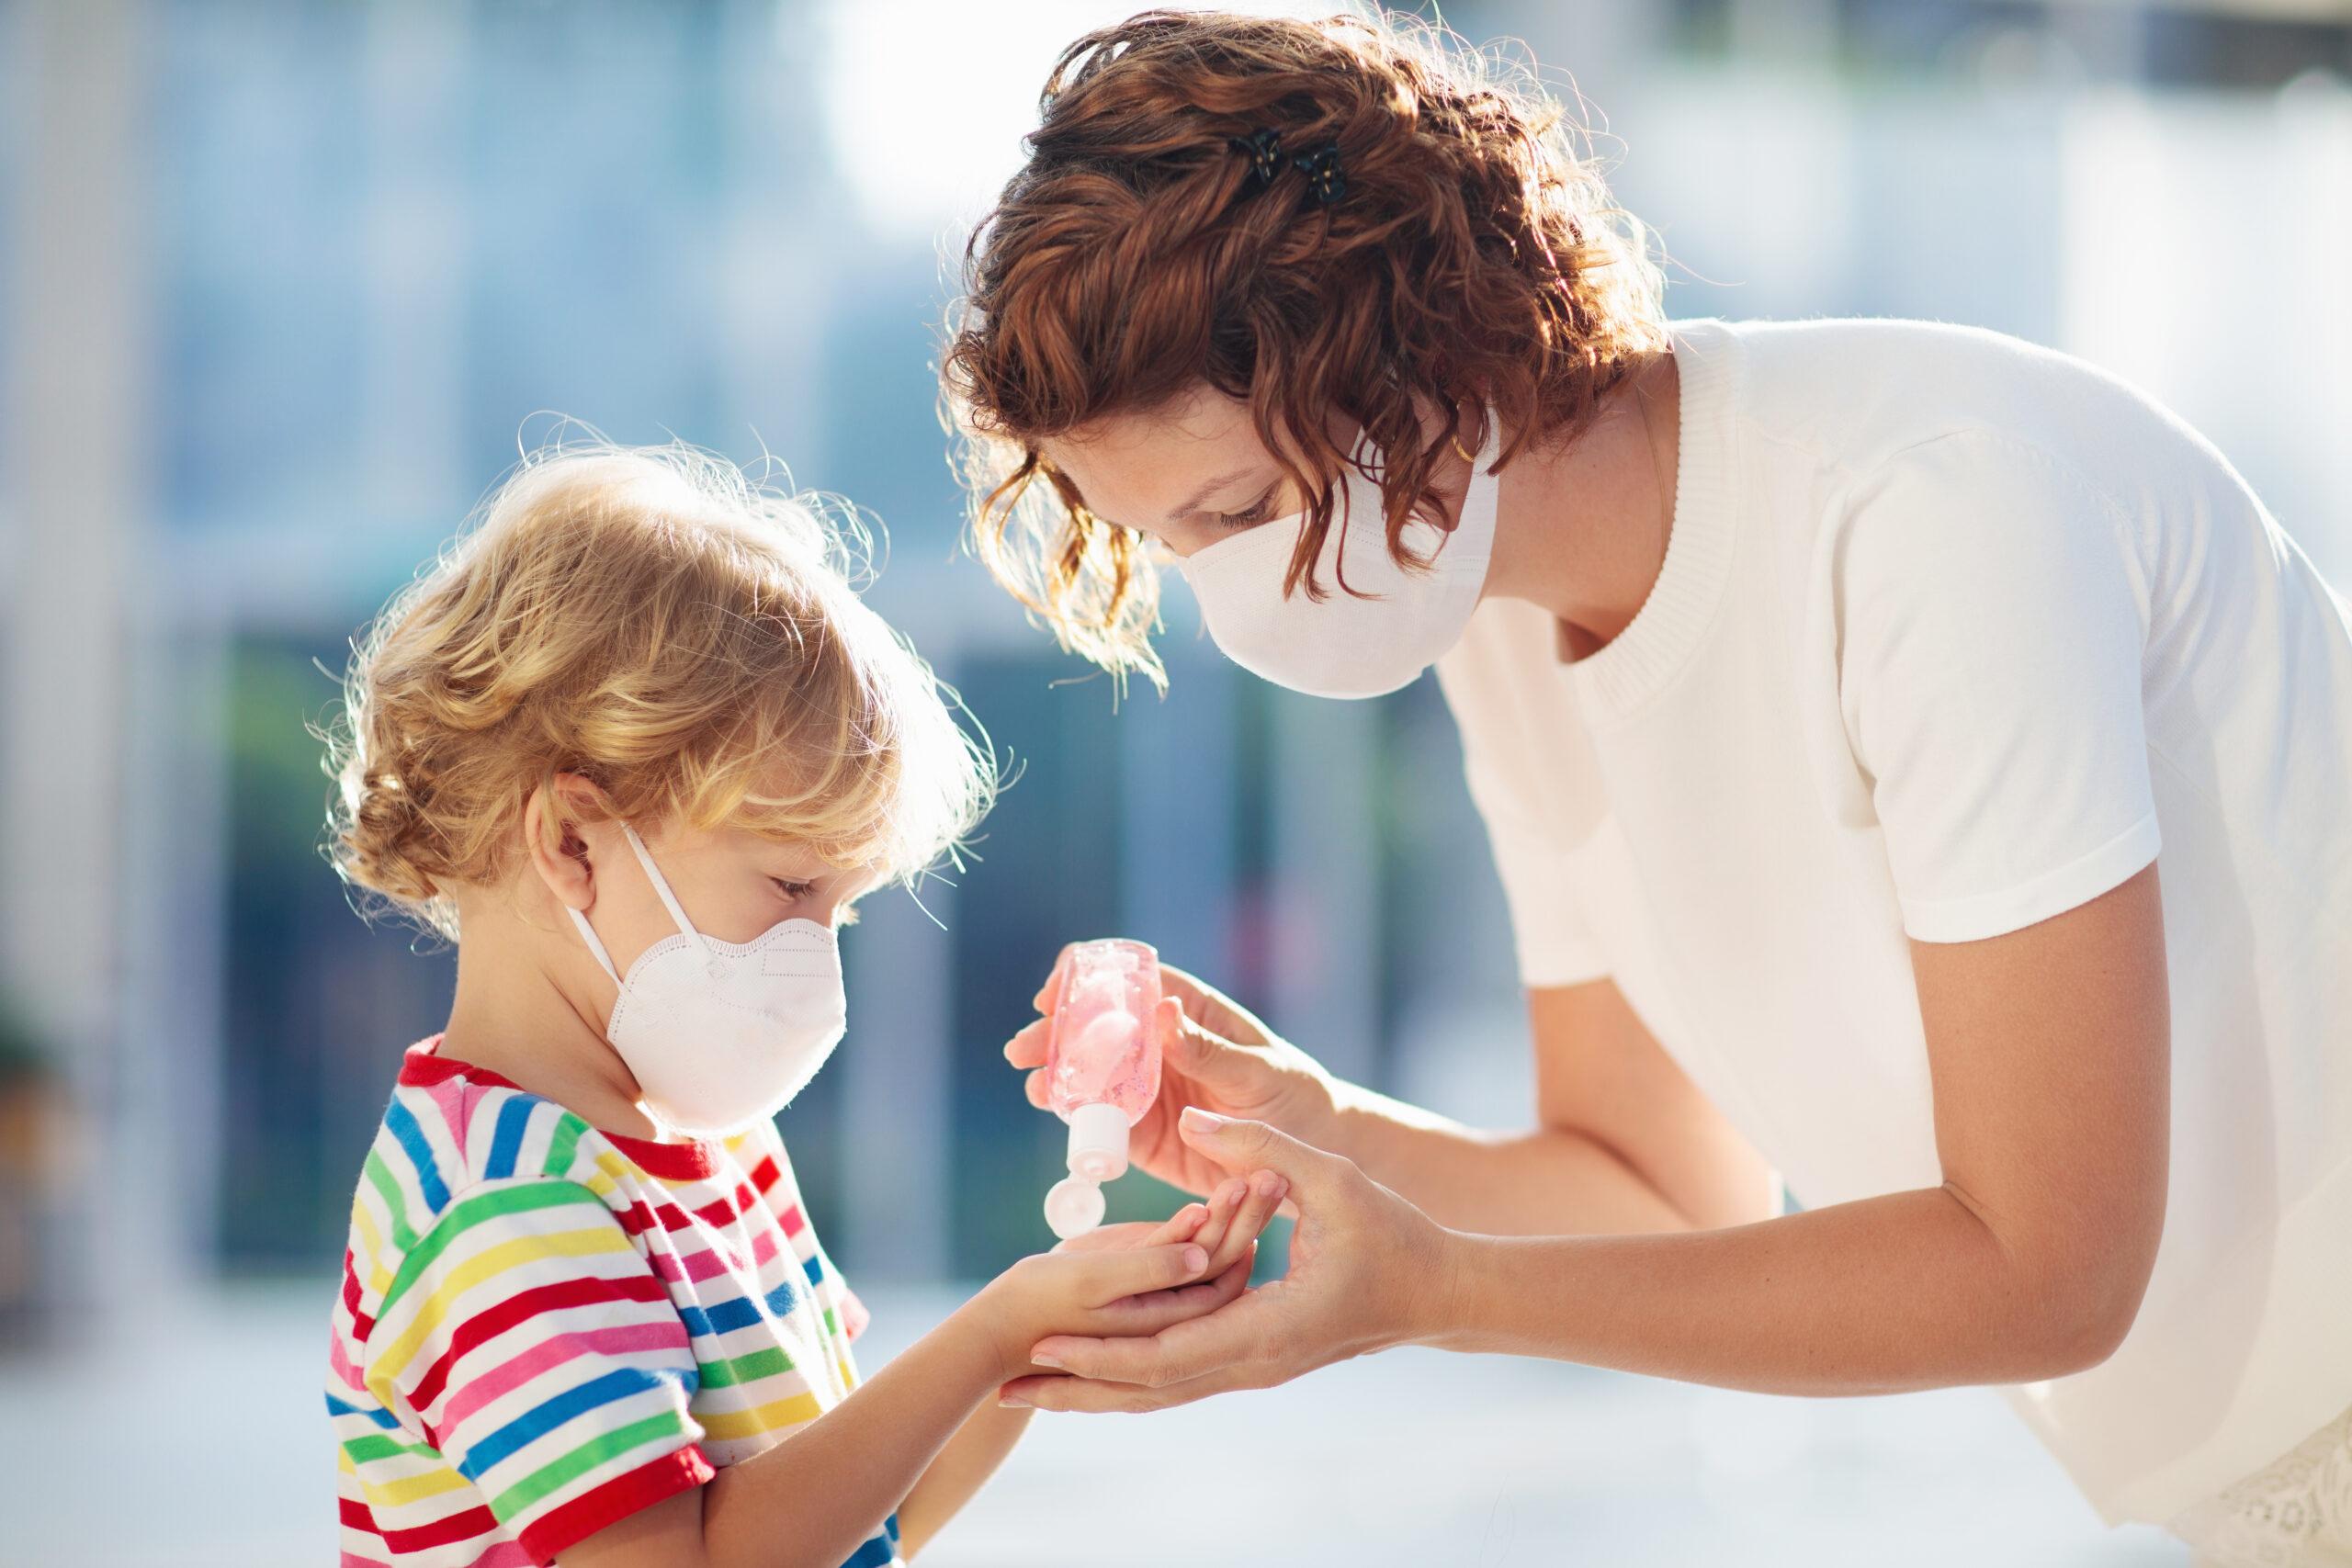 Πώς θα πείσεις το παιδί σου να φοράει τη μάσκα προστασίας για πολλή ώρα